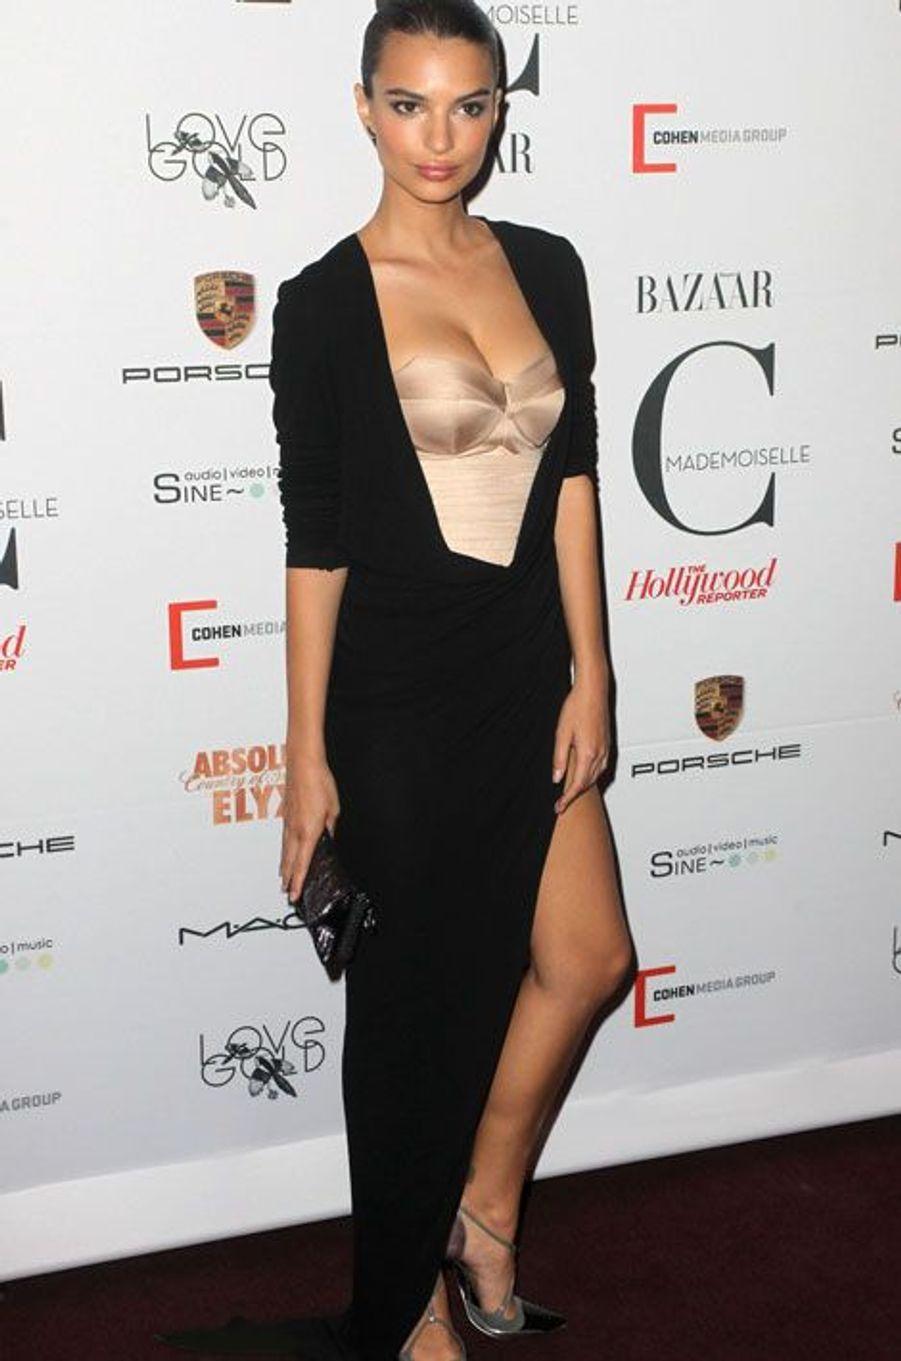 La jeune anglaise de 22 ans a été révélée grâce au clip «Blurred Lines», de Robin Thicke. Depuis tout s'est enchaîné. Le magazine «GQ» l'a élue femme la plus sexy de l'année devançant Jennifer Lawrence, Emma Watson, Robin Wright et Sandra Bullock.